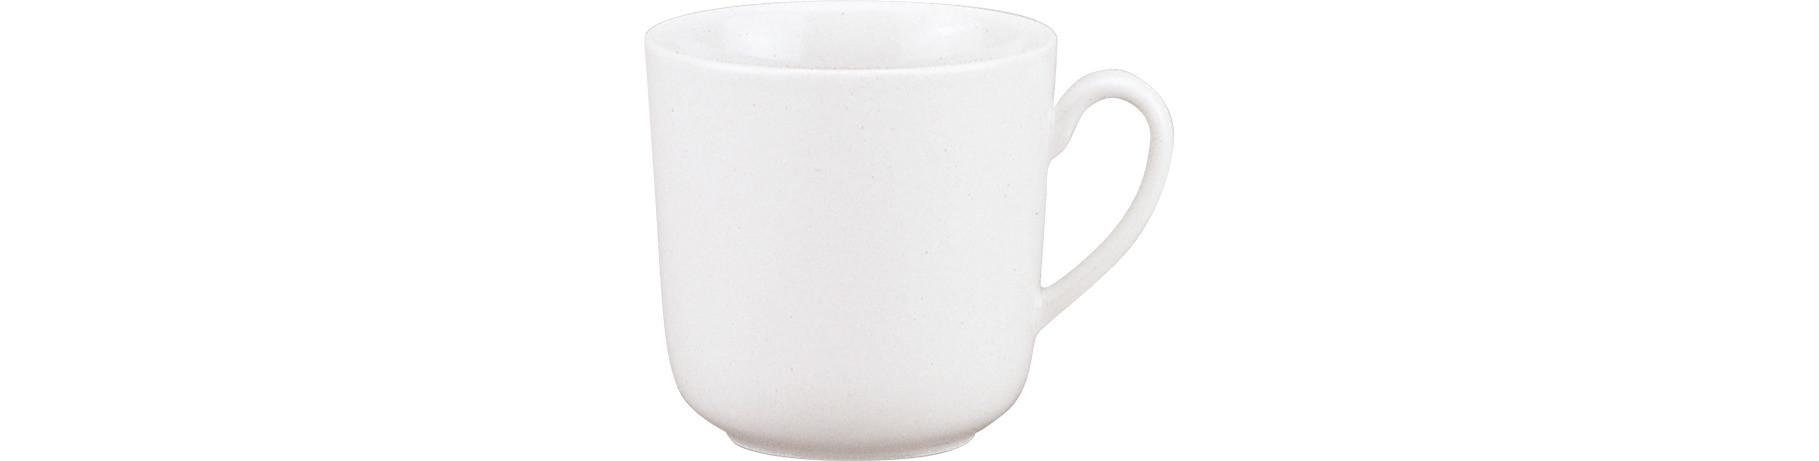 98, Kaffeebecher ø 88 mm / 0,32 l